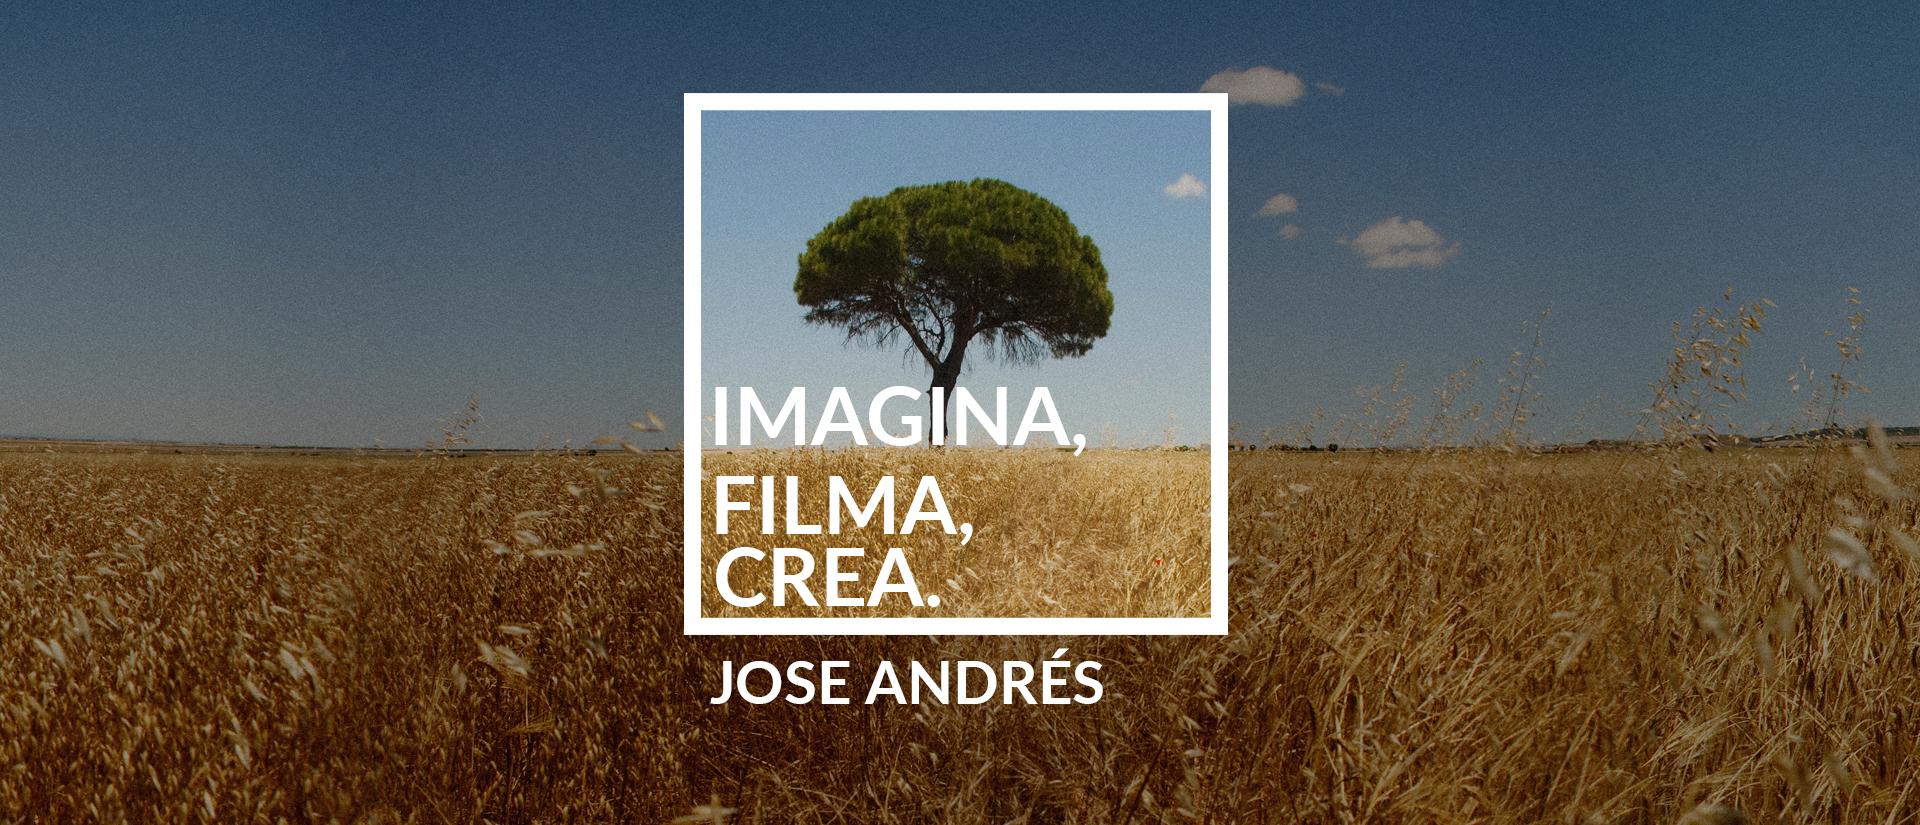 imagina filma crea profesor video de boda, taller video de boda, cine de boda, curso video de boda, curso de video